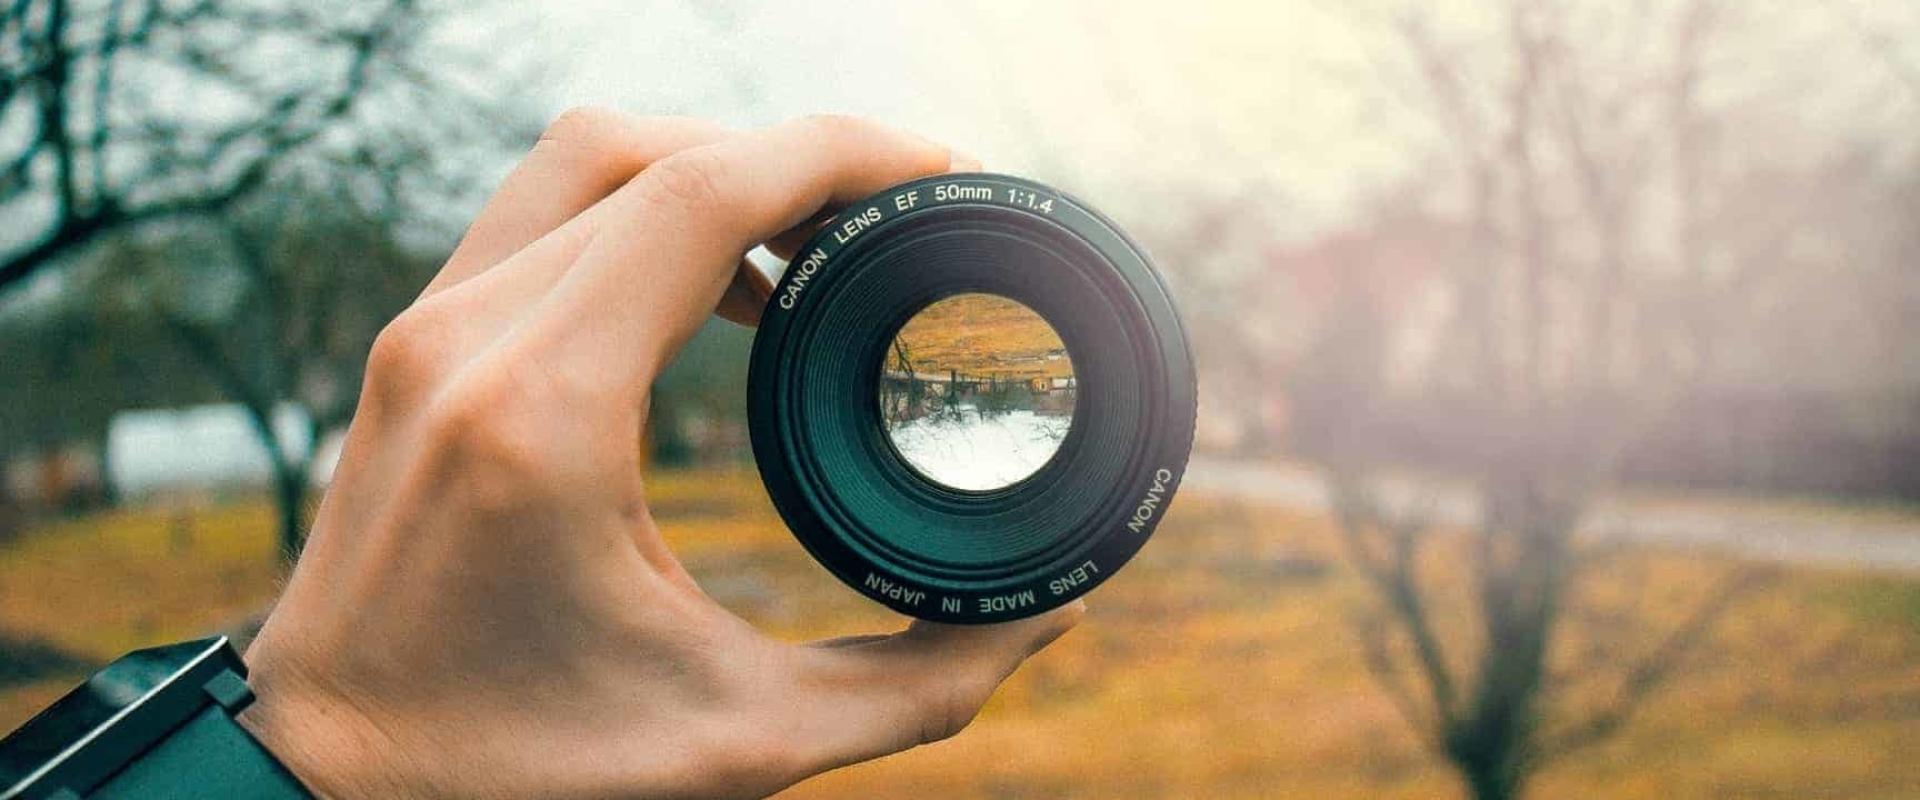 Mijn focus naait me...